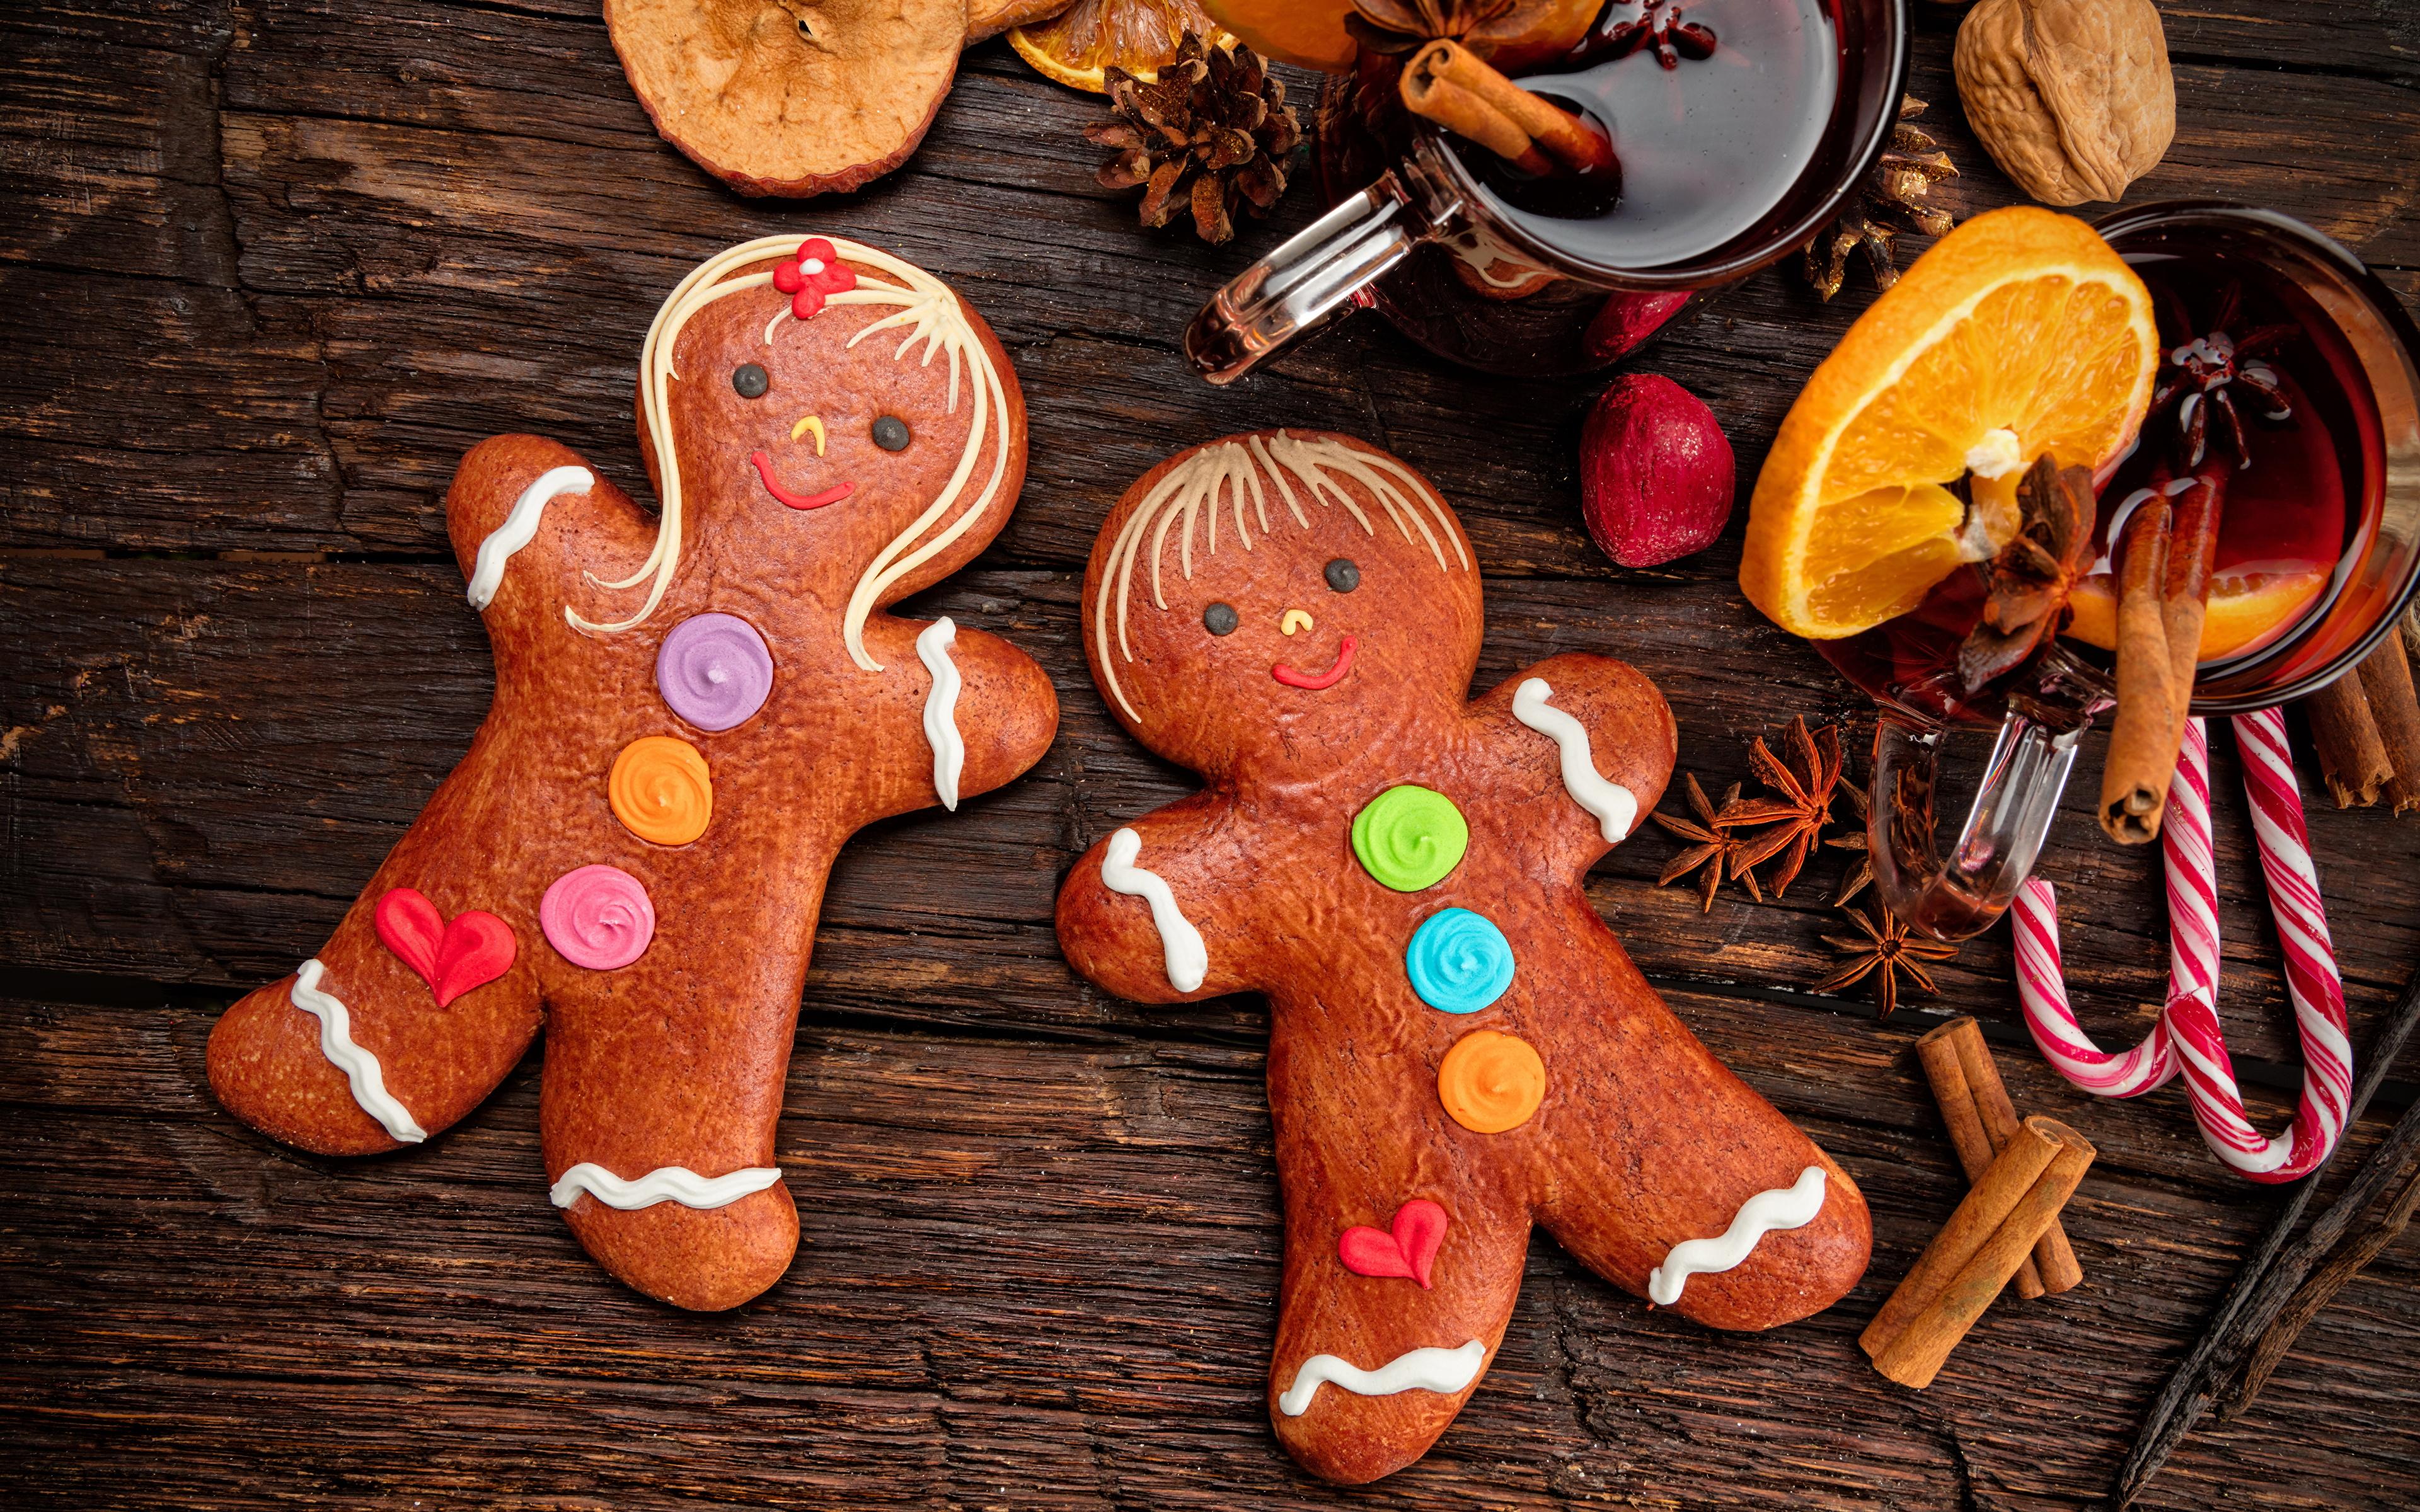 Фото Рождество Бадьян звезда аниса Корица Еда Печенье сладкая еда дизайна 3840x2400 Новый год Пища Продукты питания Сладости Дизайн